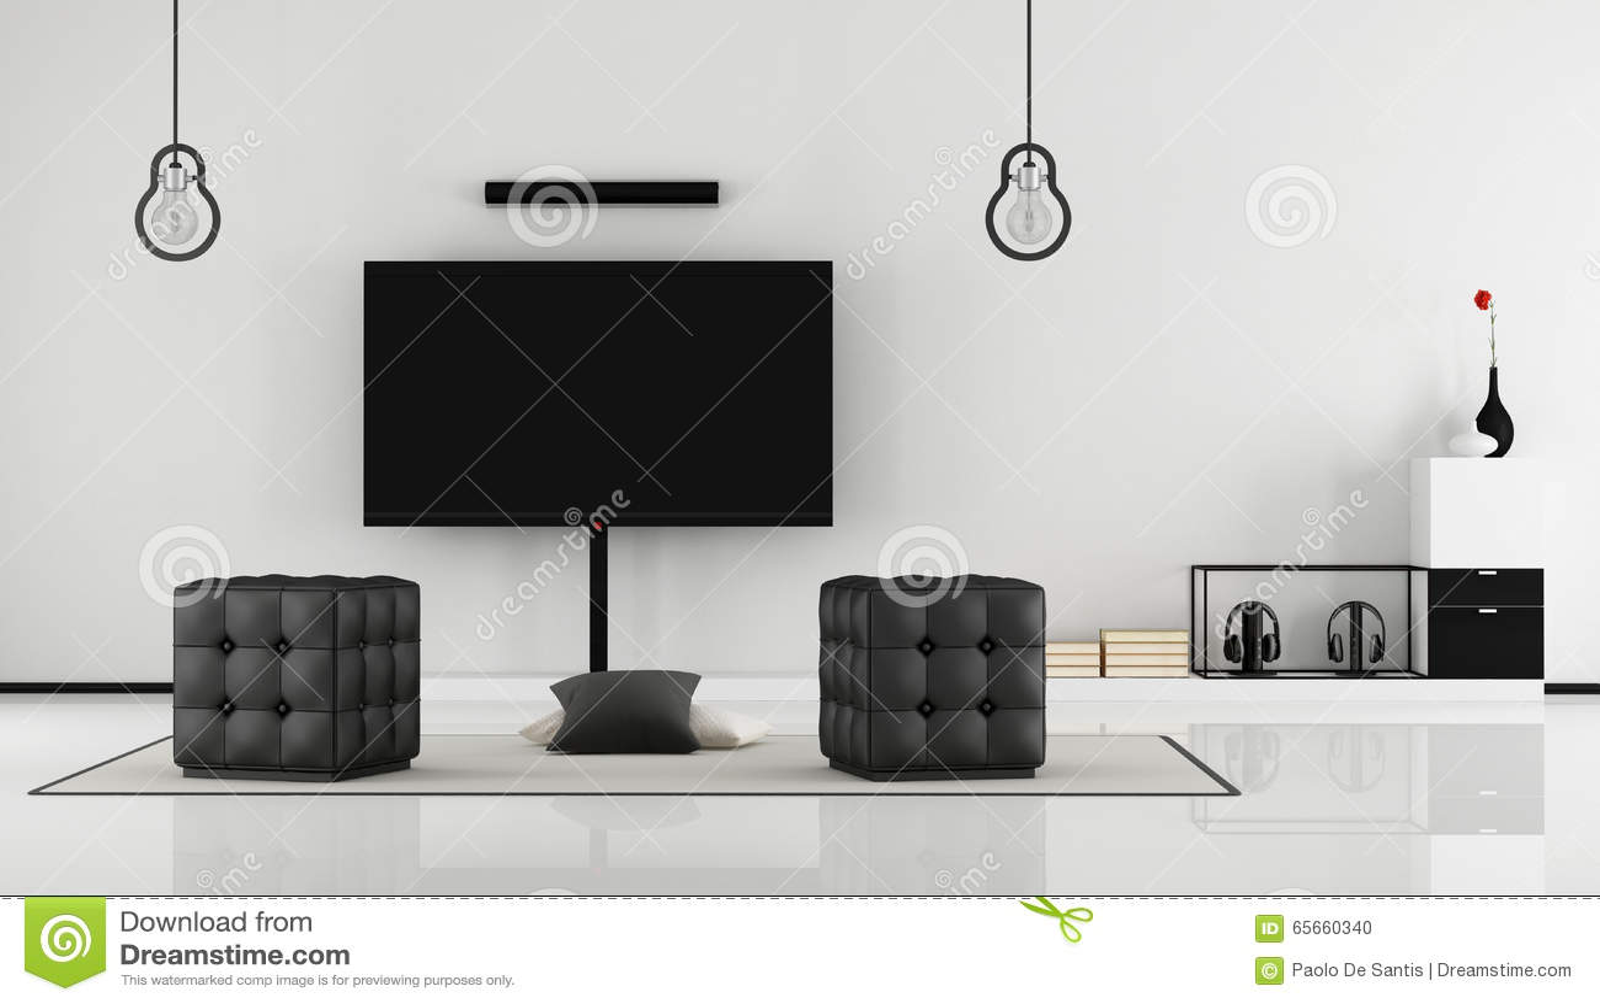 Zwart-witte Woonkamer Met TV-reeks Stock Illustratie - Illustratie ...